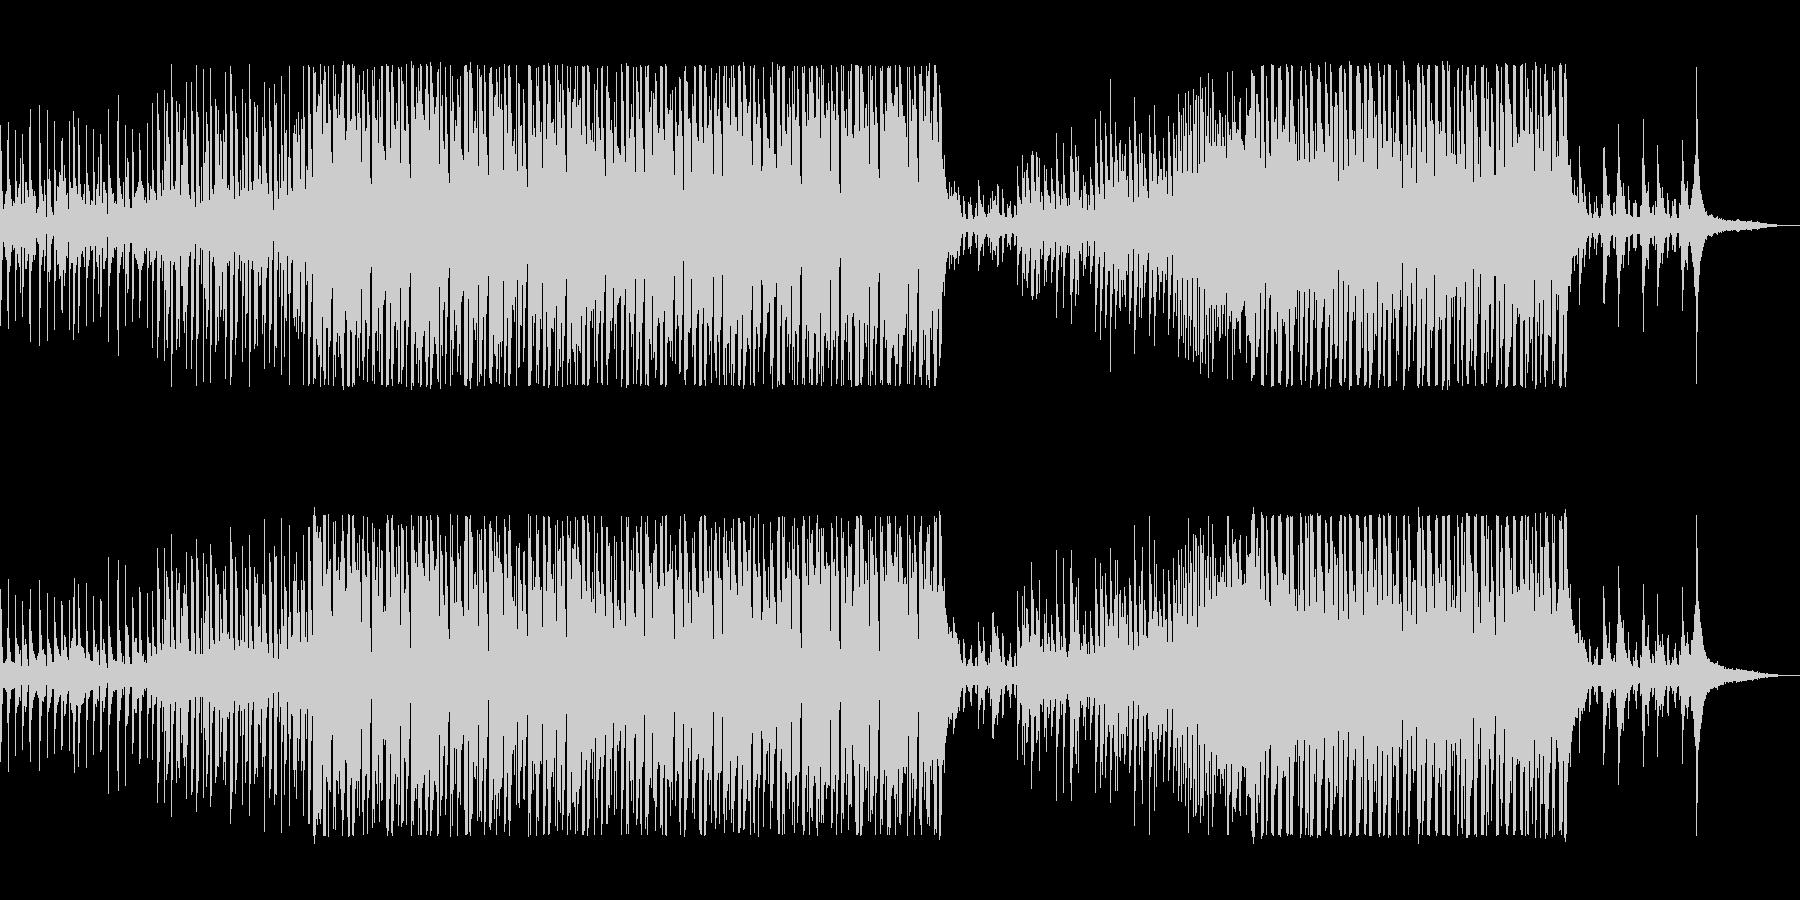 ラテン風味のエレクトロポップスの未再生の波形